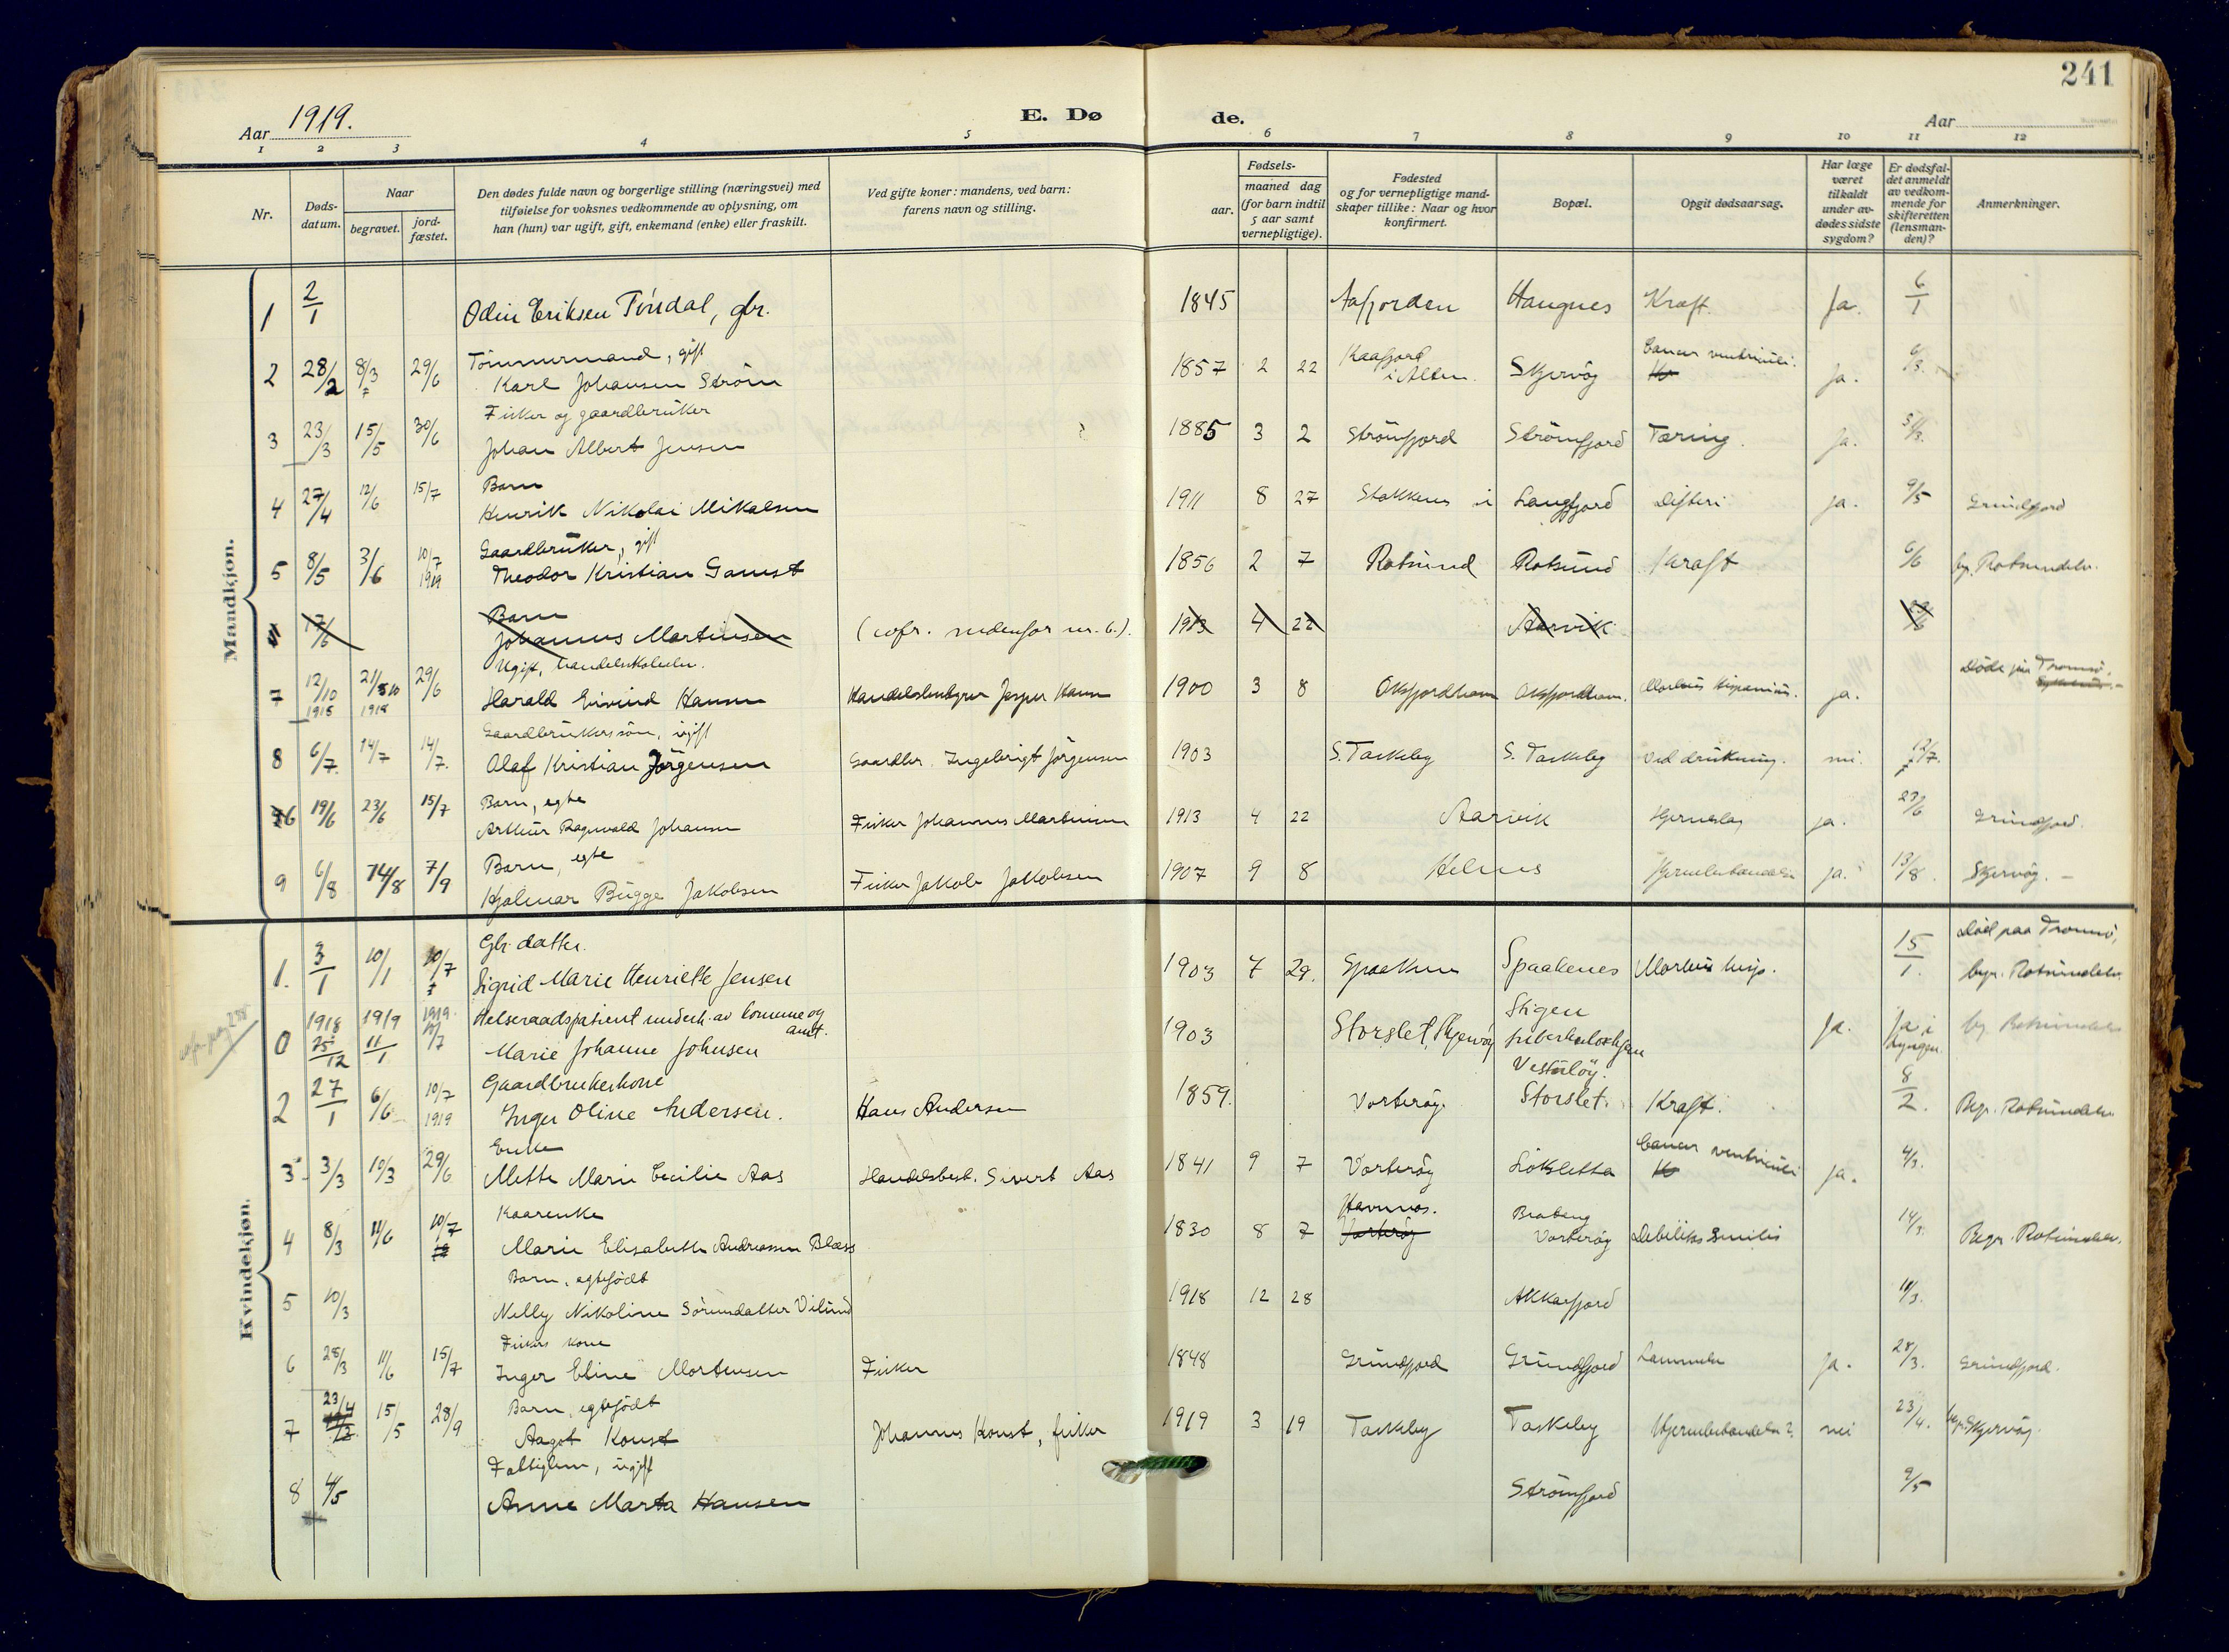 SATØ, Skjervøy sokneprestkontor, H/Ha/Haa: Ministerialbok nr. 18, 1910-1926, s. 241